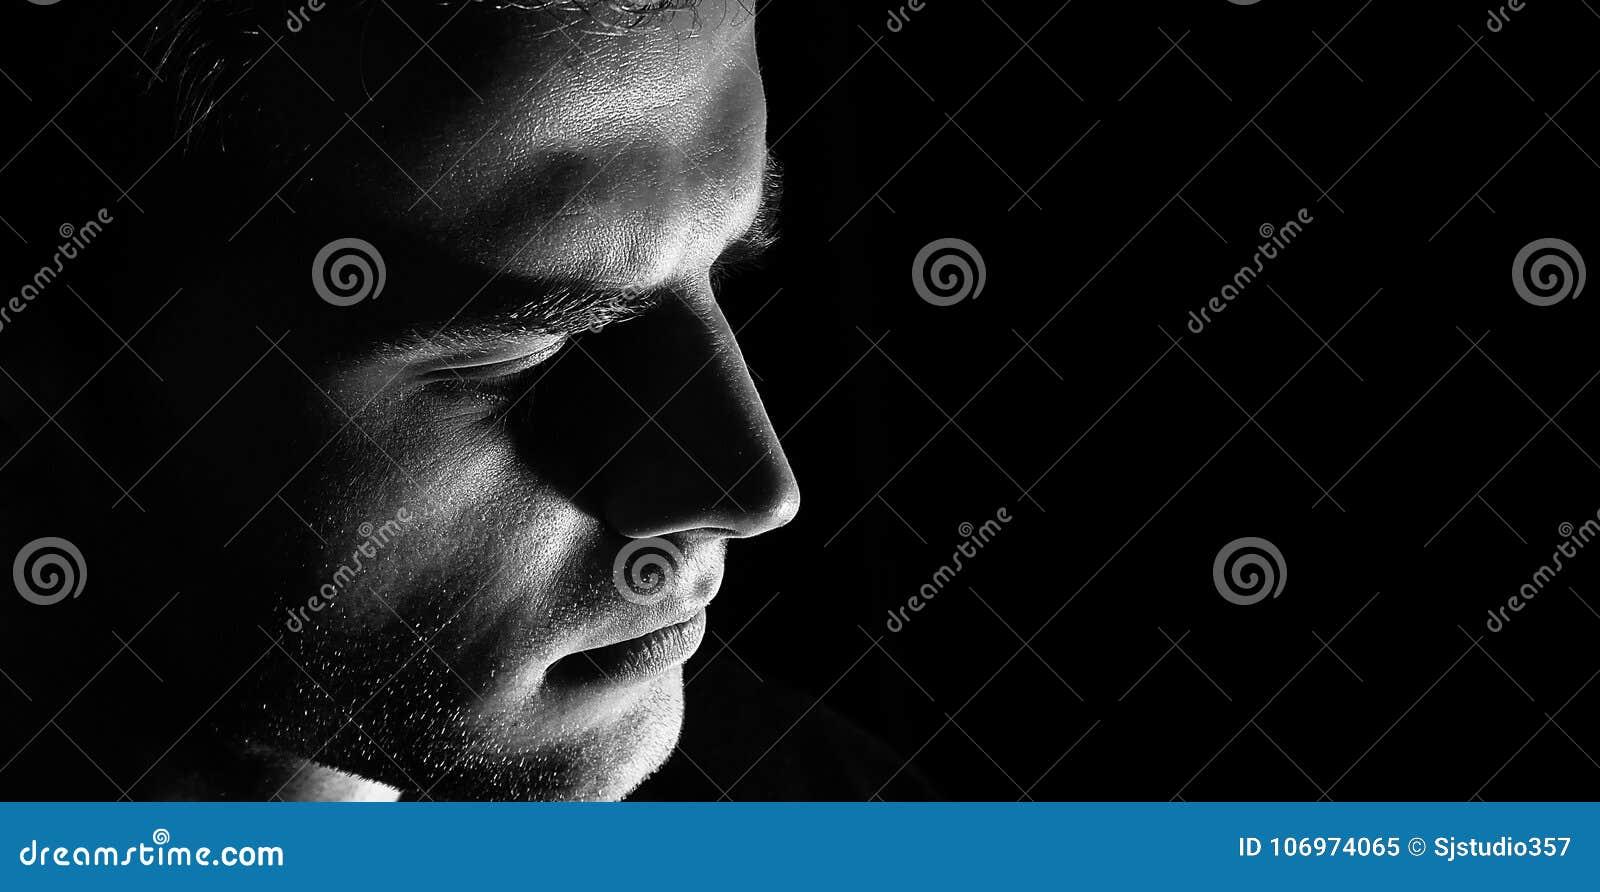 Perfil triste do homem, homem escuro do indivíduo na depressão, olhar preto e branco, sério